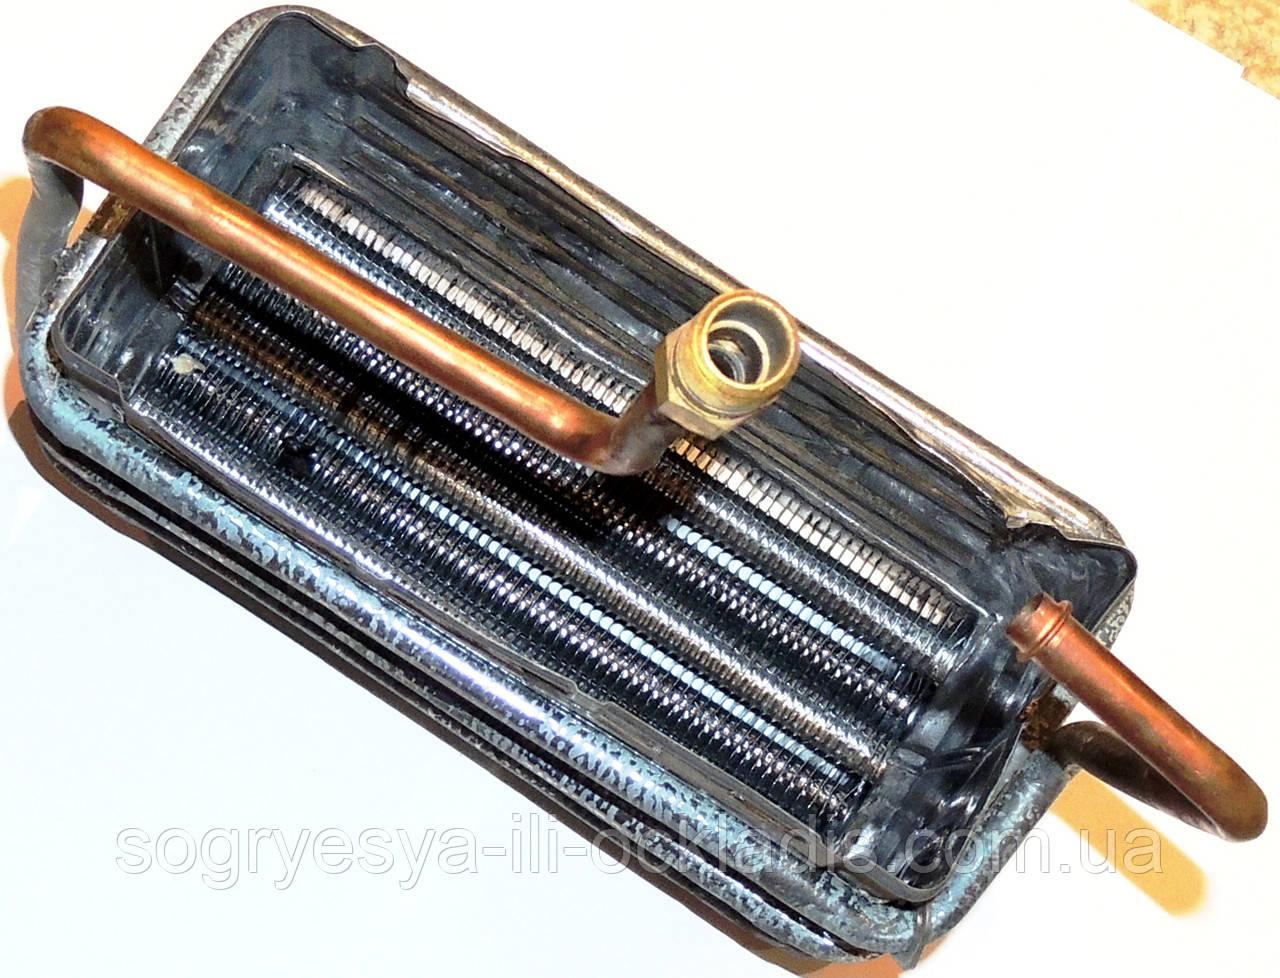 Теплообмінник димохідної колонки з накидною гайкою, код сайту 0999